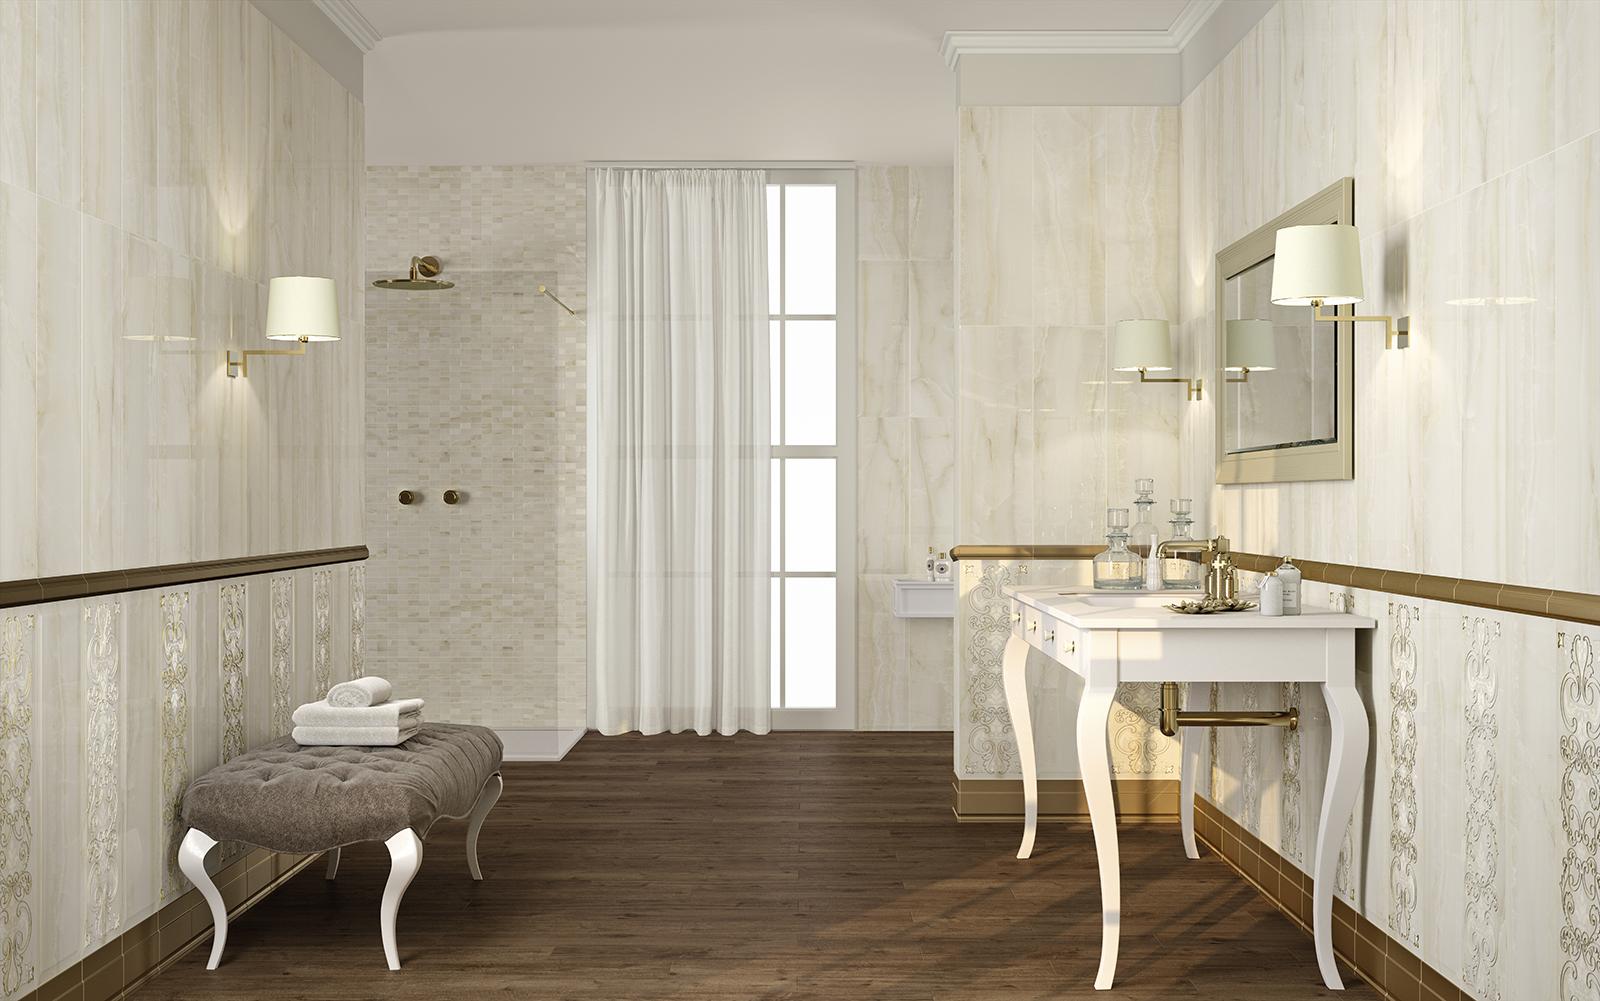 Badezimmer Dekorationen ist genial stil für ihr wohnideen